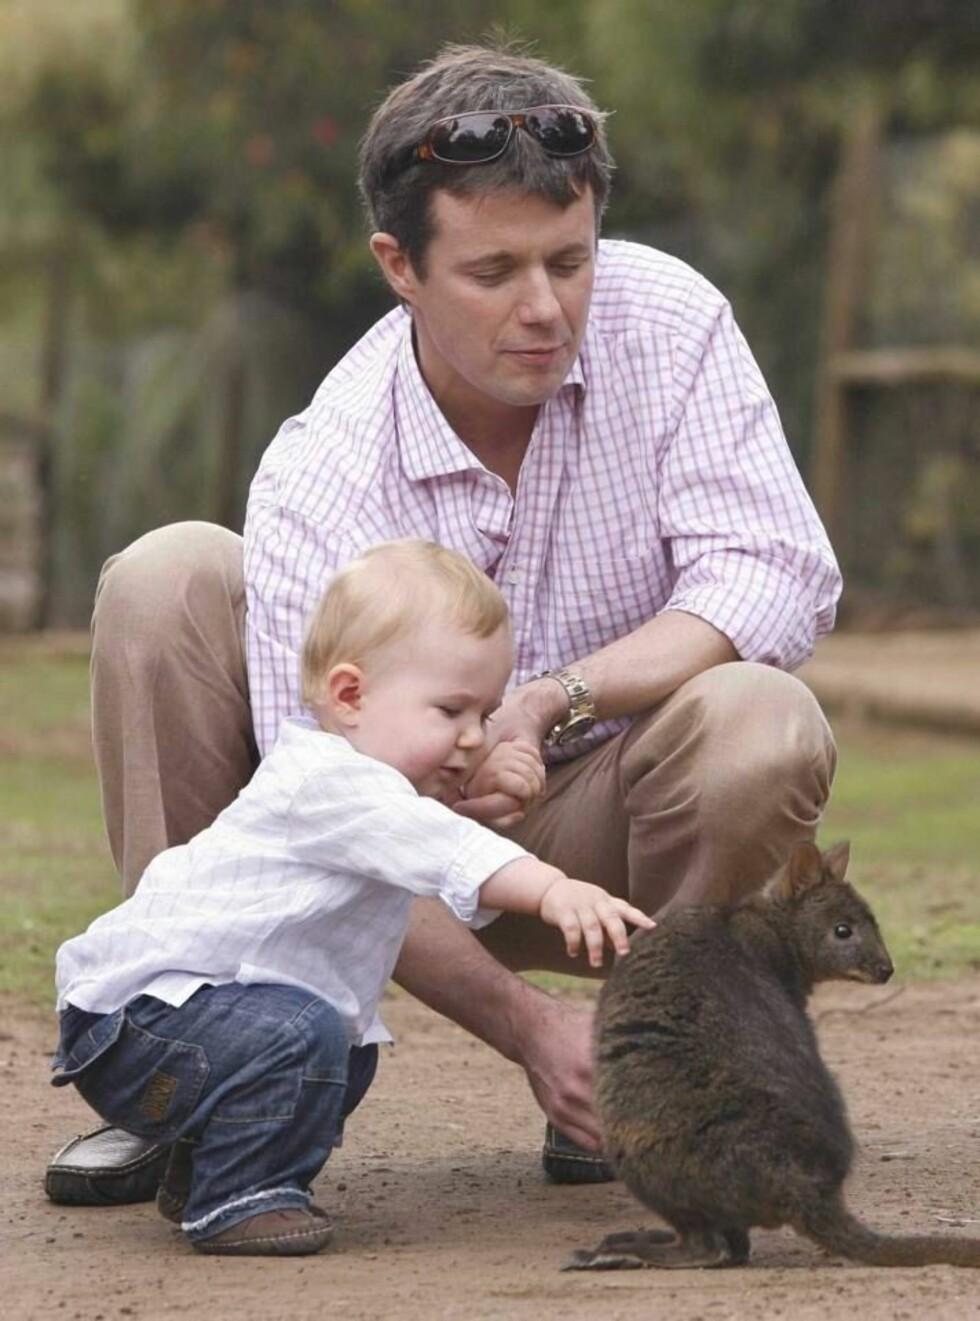 KOSESTUND: Christian var ikke redd for å klappe kenguruen. Foto: Stella Pictures